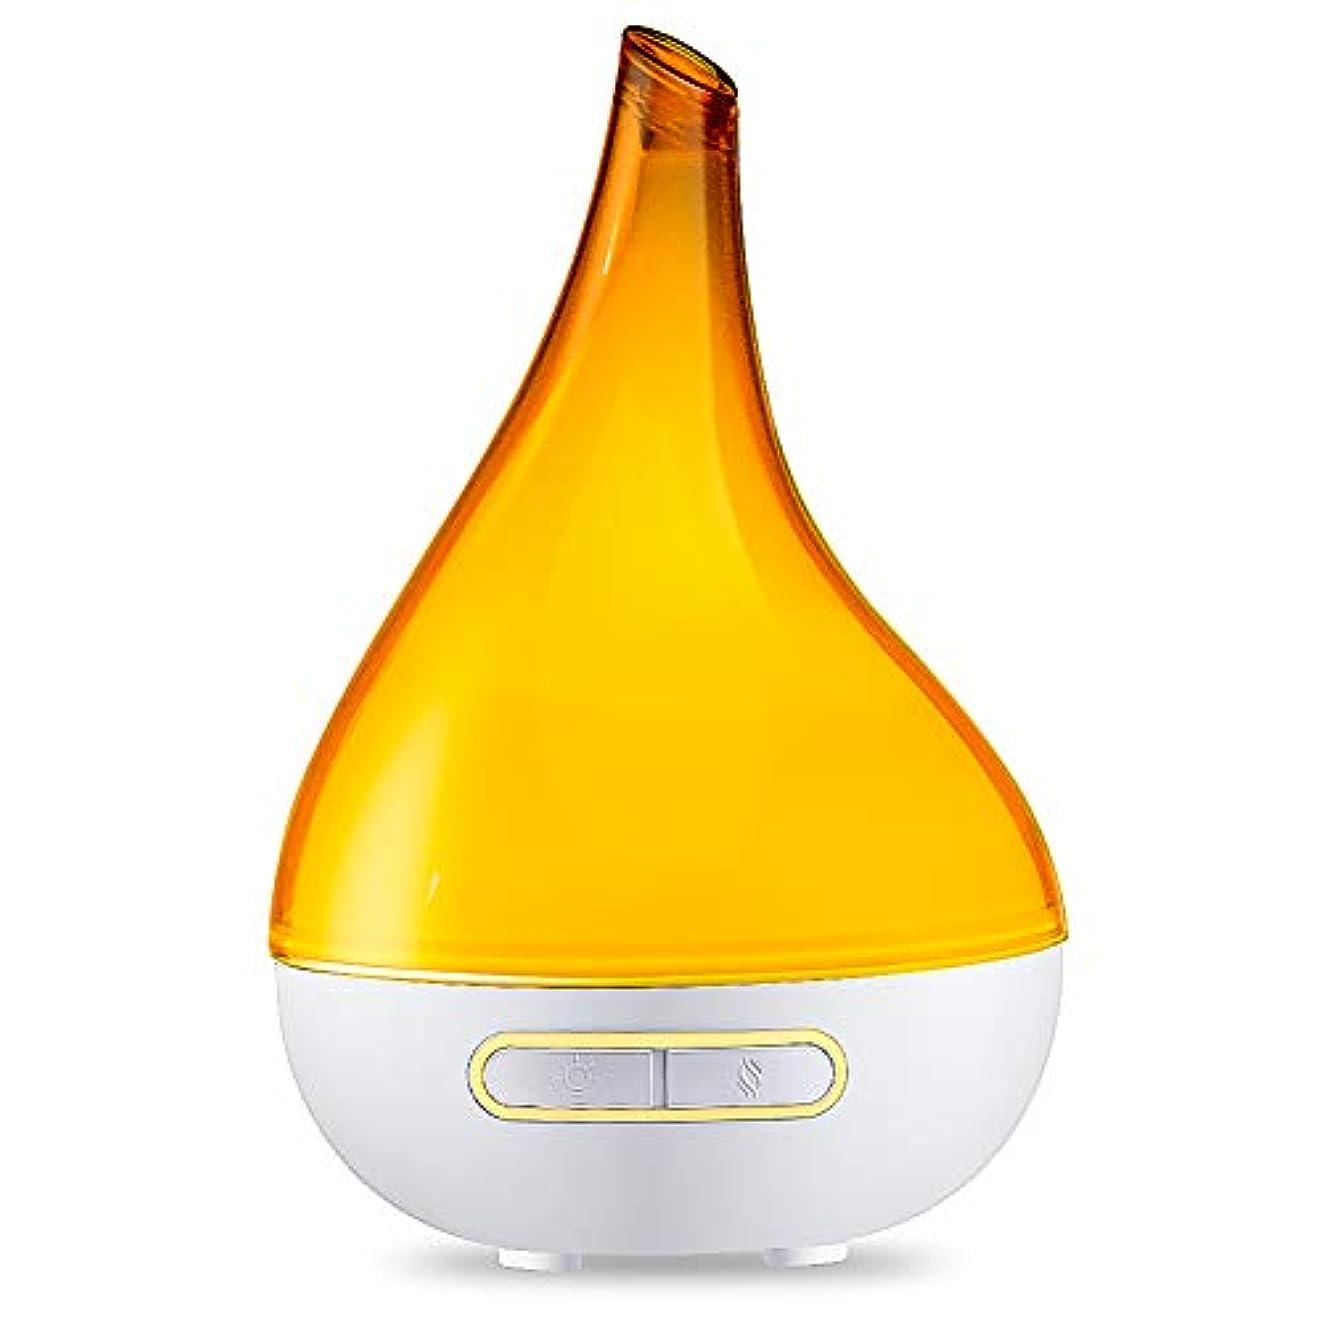 コットン間違っている鉄道超音波 エッセンシャル オイル ディフューザー 電気 涼しい霧の加湿器 調節可能なミスト付け アロマディフューザー 夜間照明付き 赤ちゃんの家-オレンジ 15x23.7cm